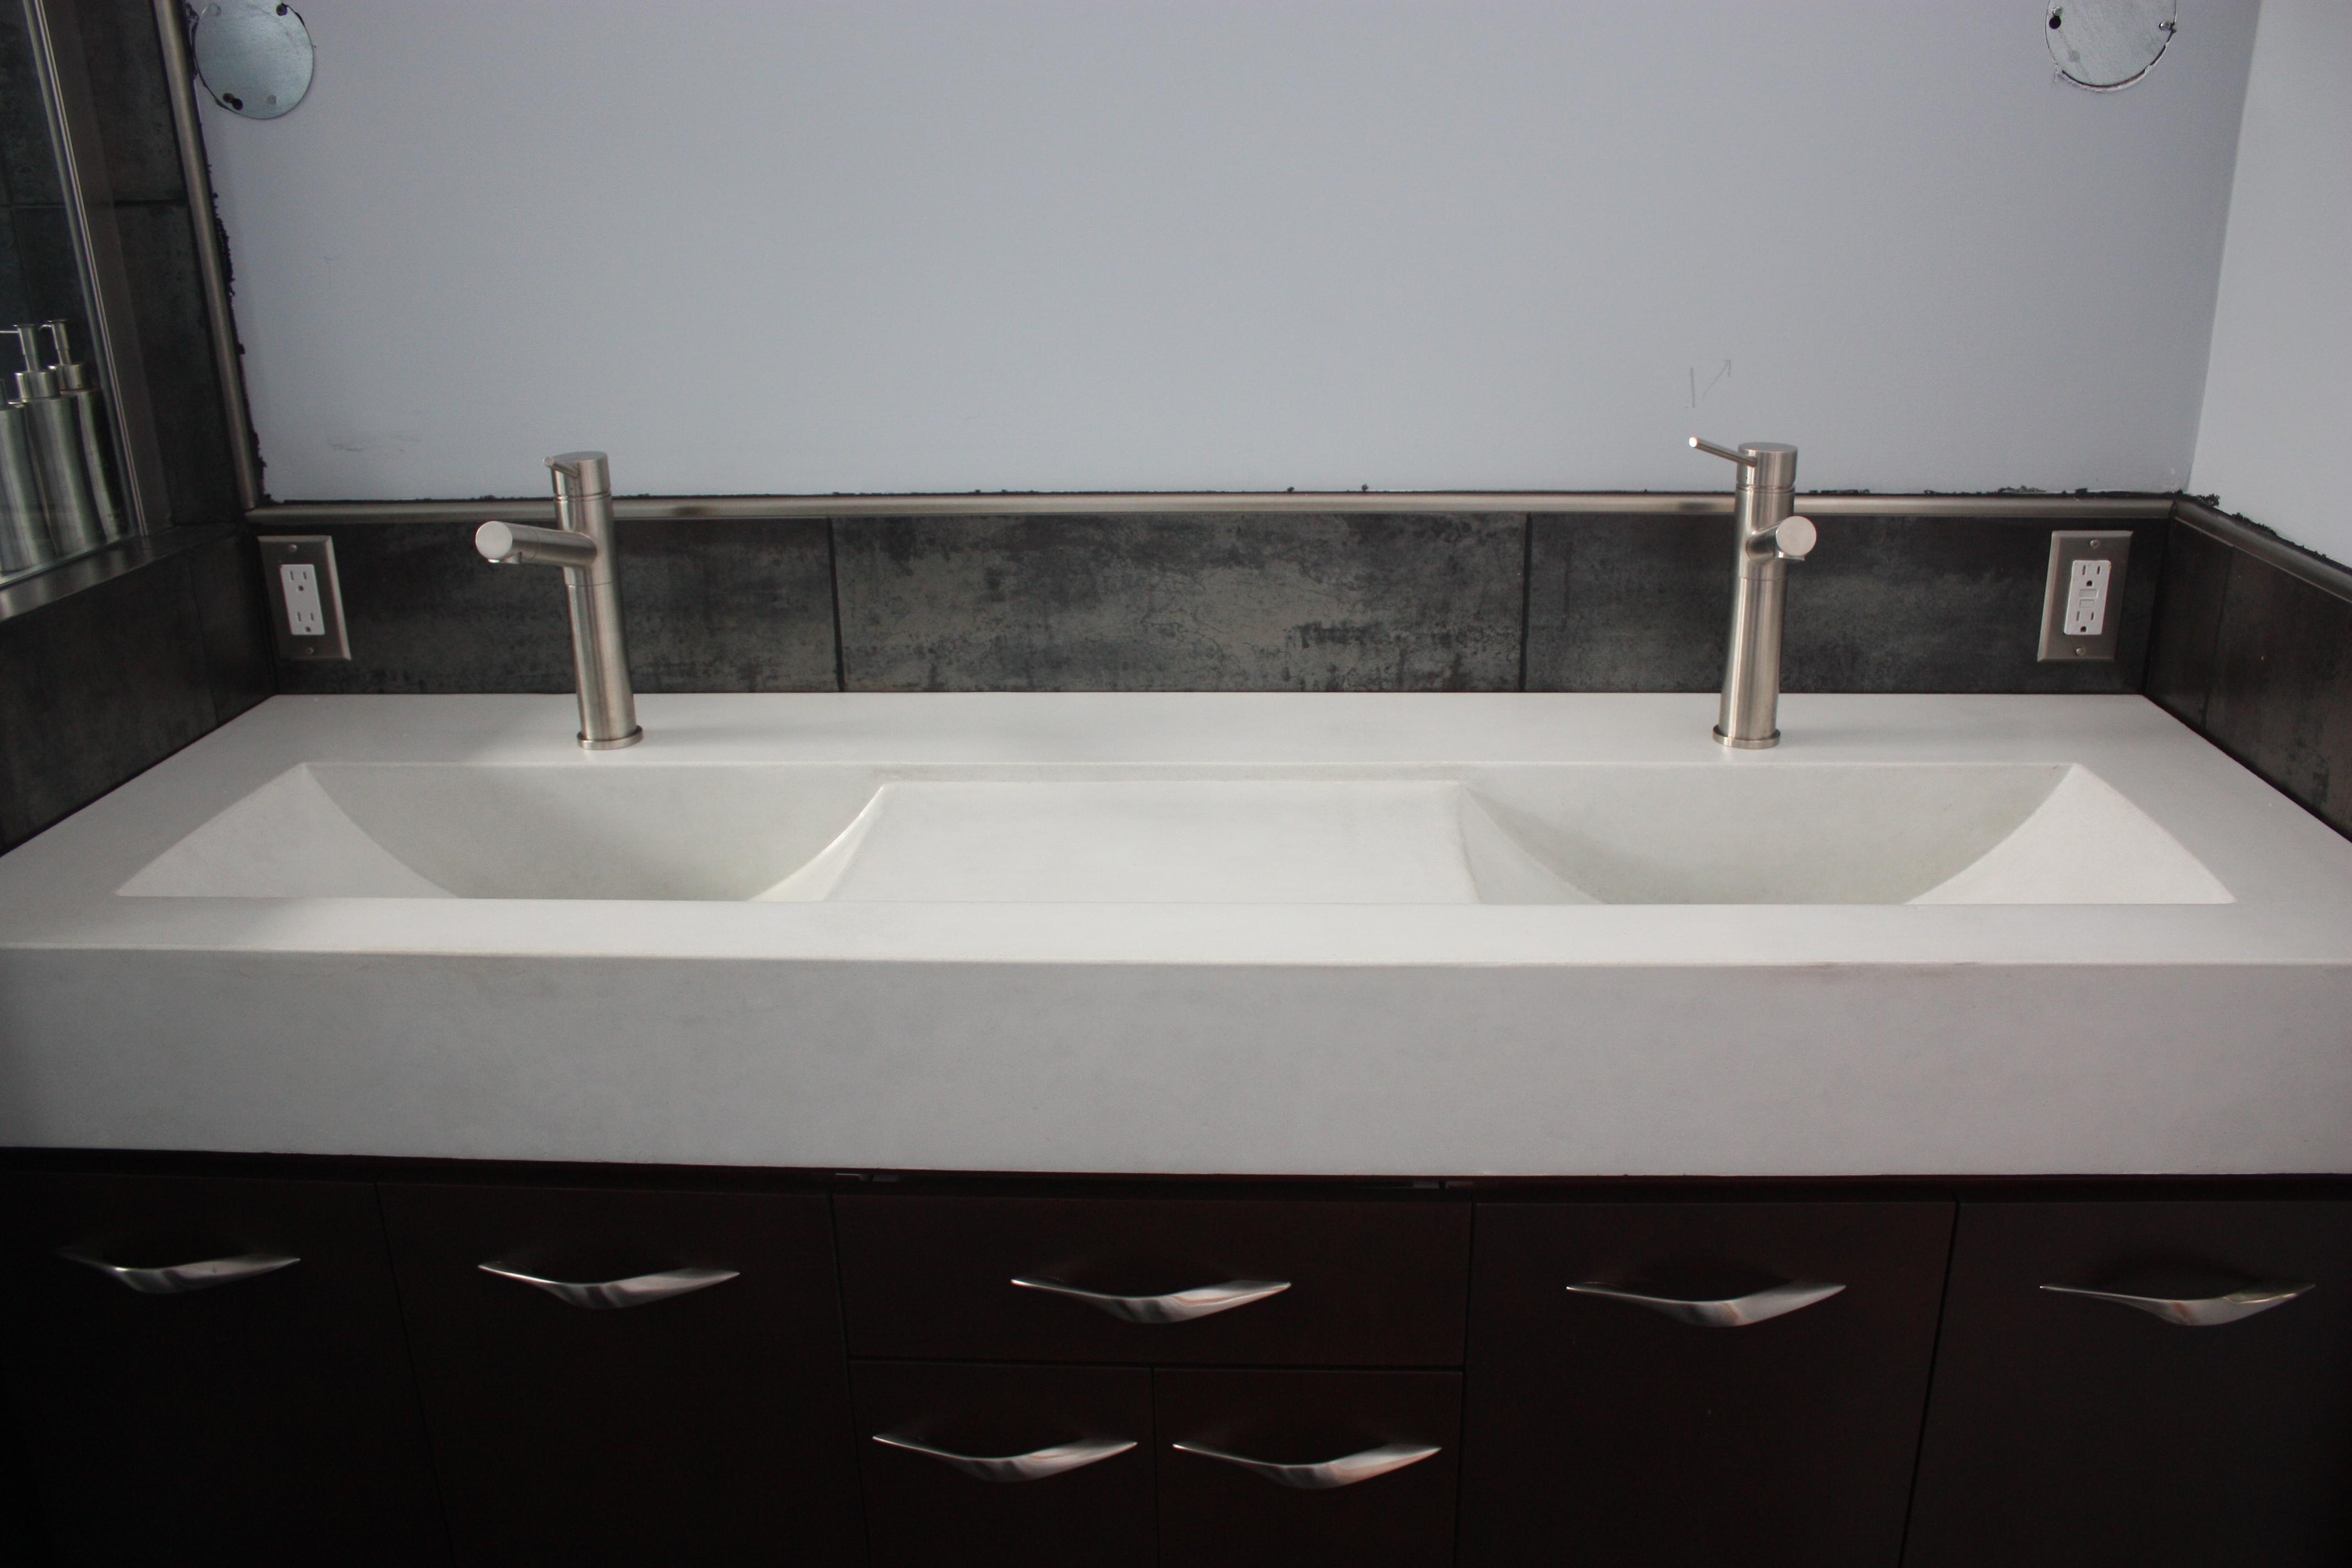 double faucet trough sink vanity double faucet trough sink vanity bathroom trough sink bathroom sink bowl 48 trough sink 4272 x 2848